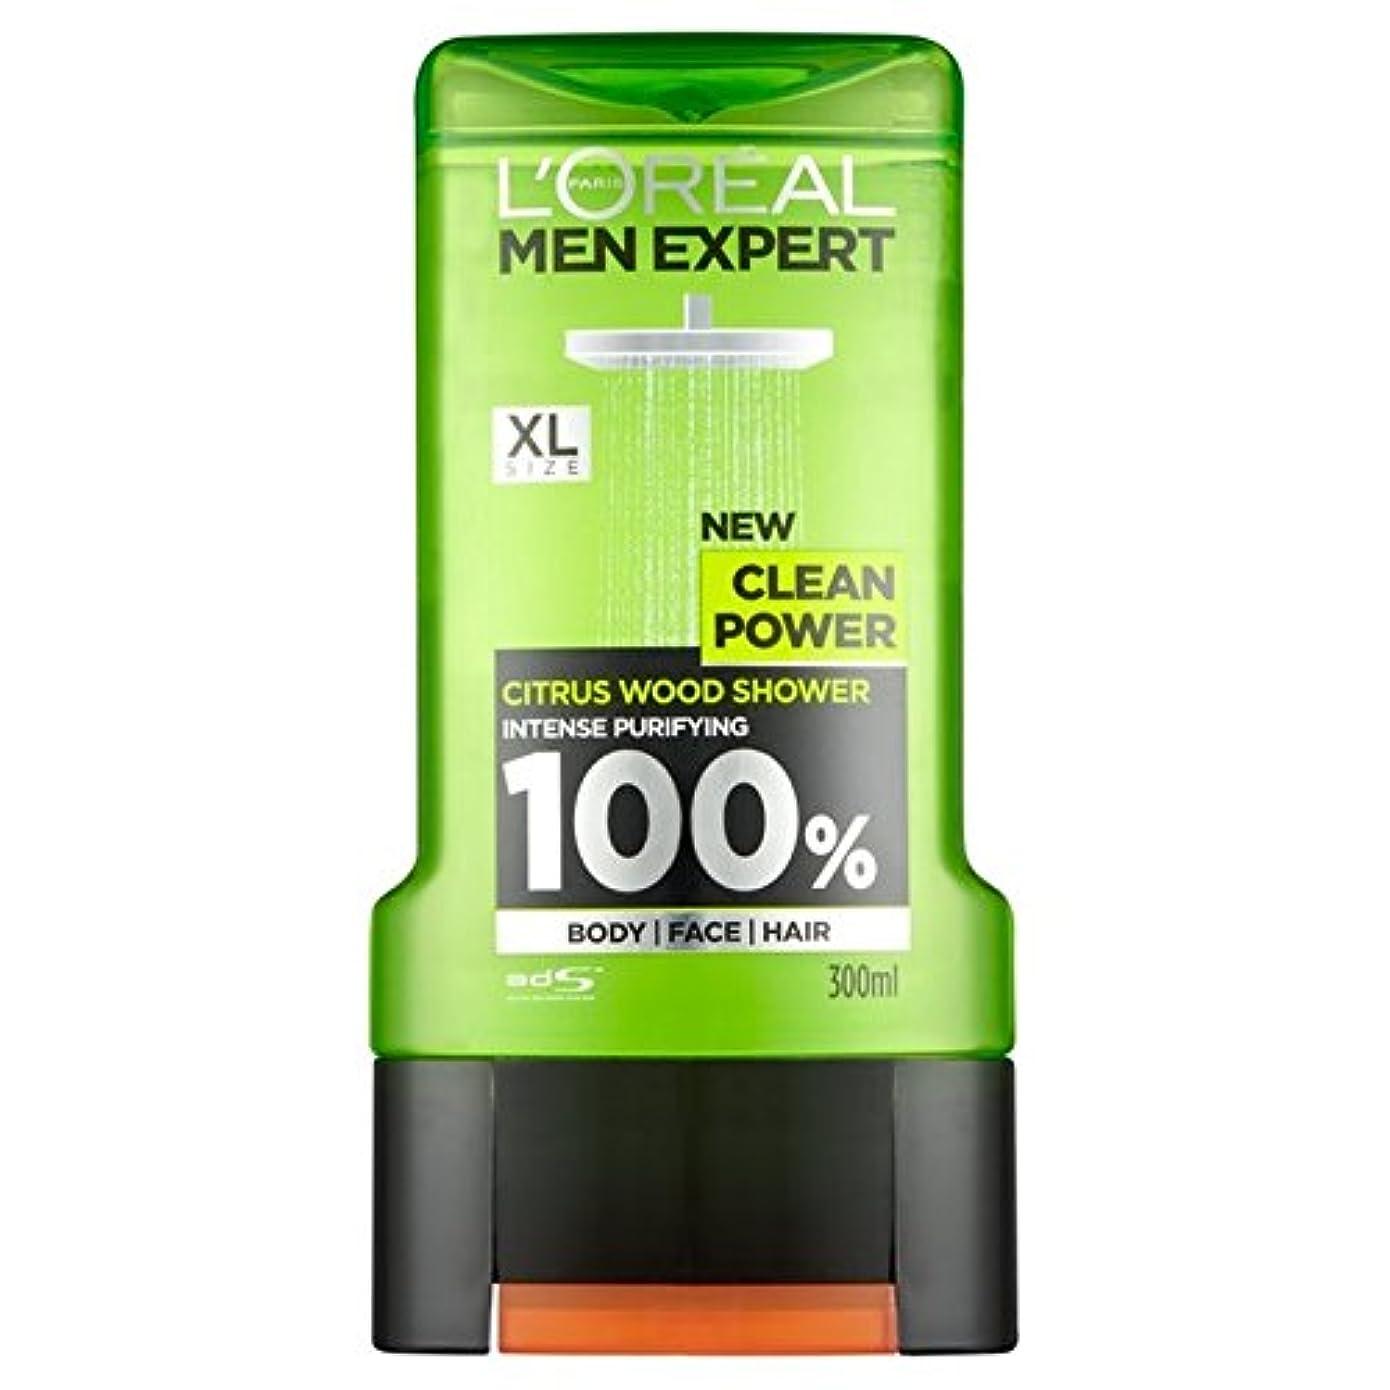 群がる経験戦いロレアルパリの男性の専門家クリーンパワーシャワージェル300ミリリットル x2 - L'Oreal Paris Men Expert Clean Power Shower Gel 300ml (Pack of 2) [並行輸入品]